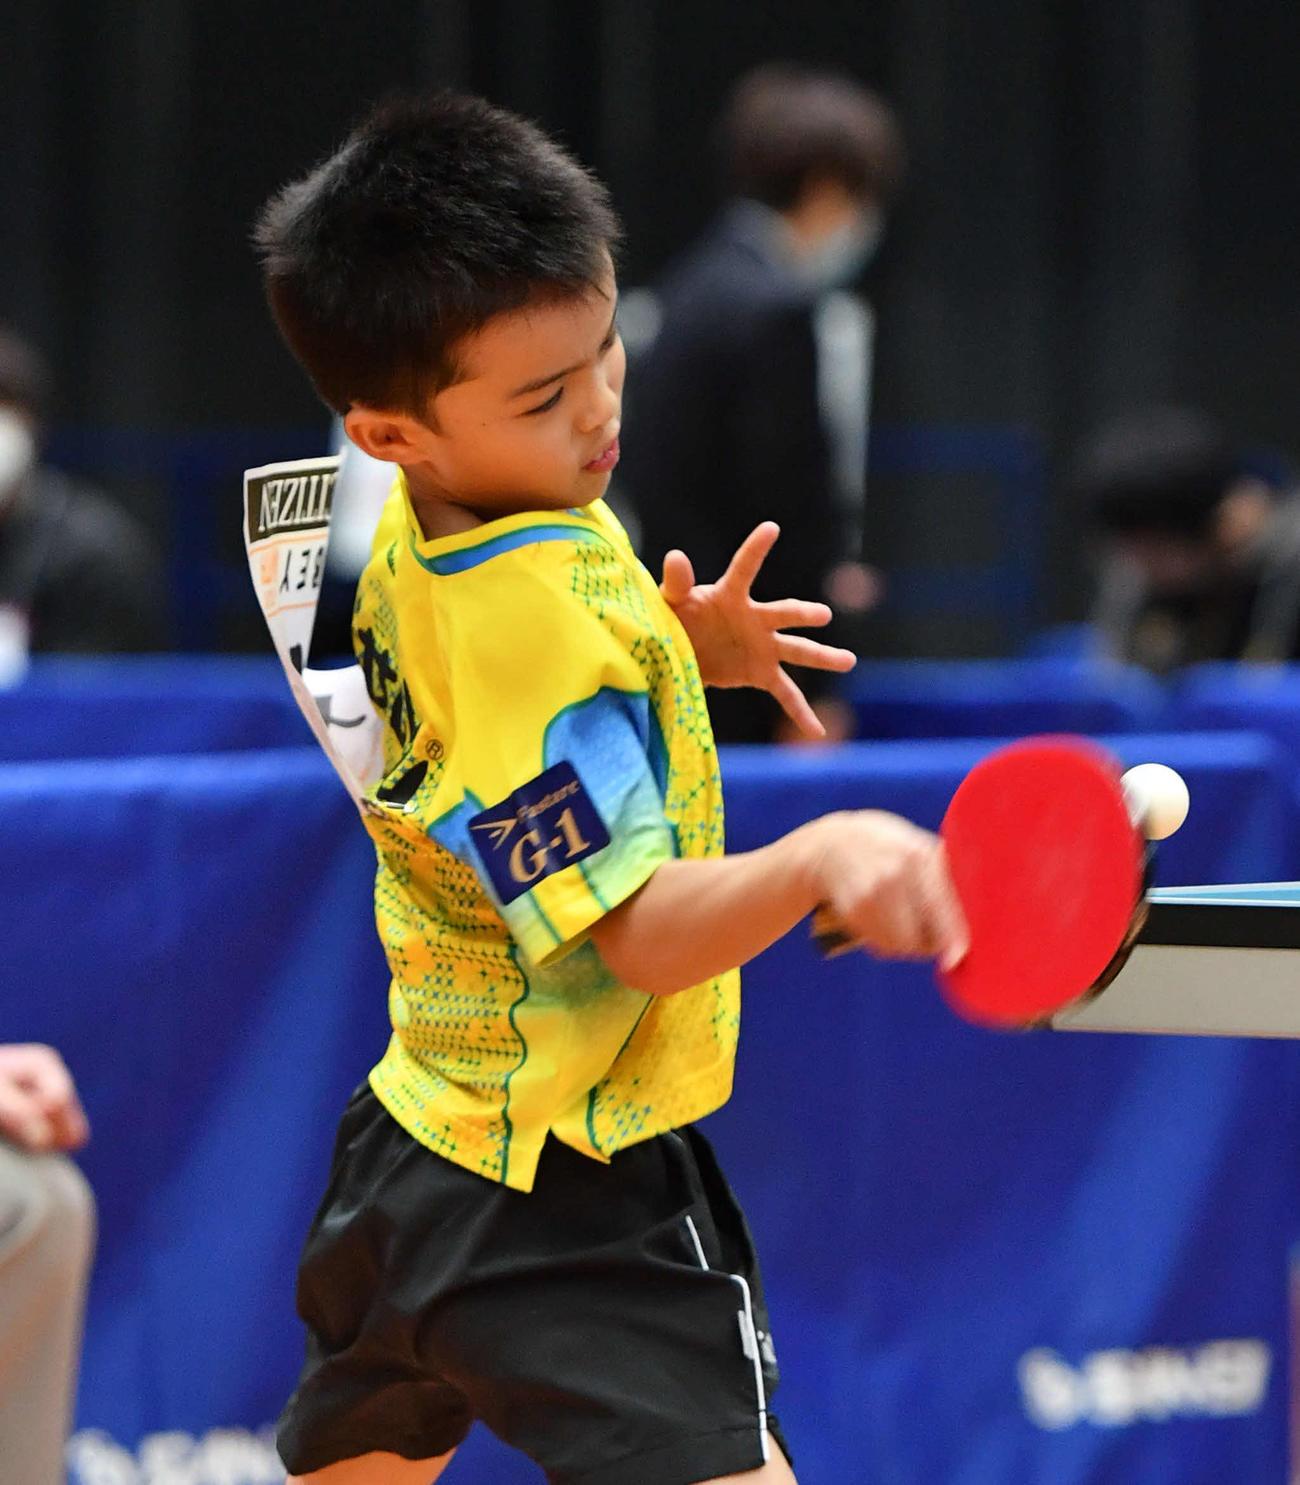 全日本卓球選手権ジュニア男子シングルス1回戦 スマッシュを打つ大野颯真(撮影・岩下翔太)